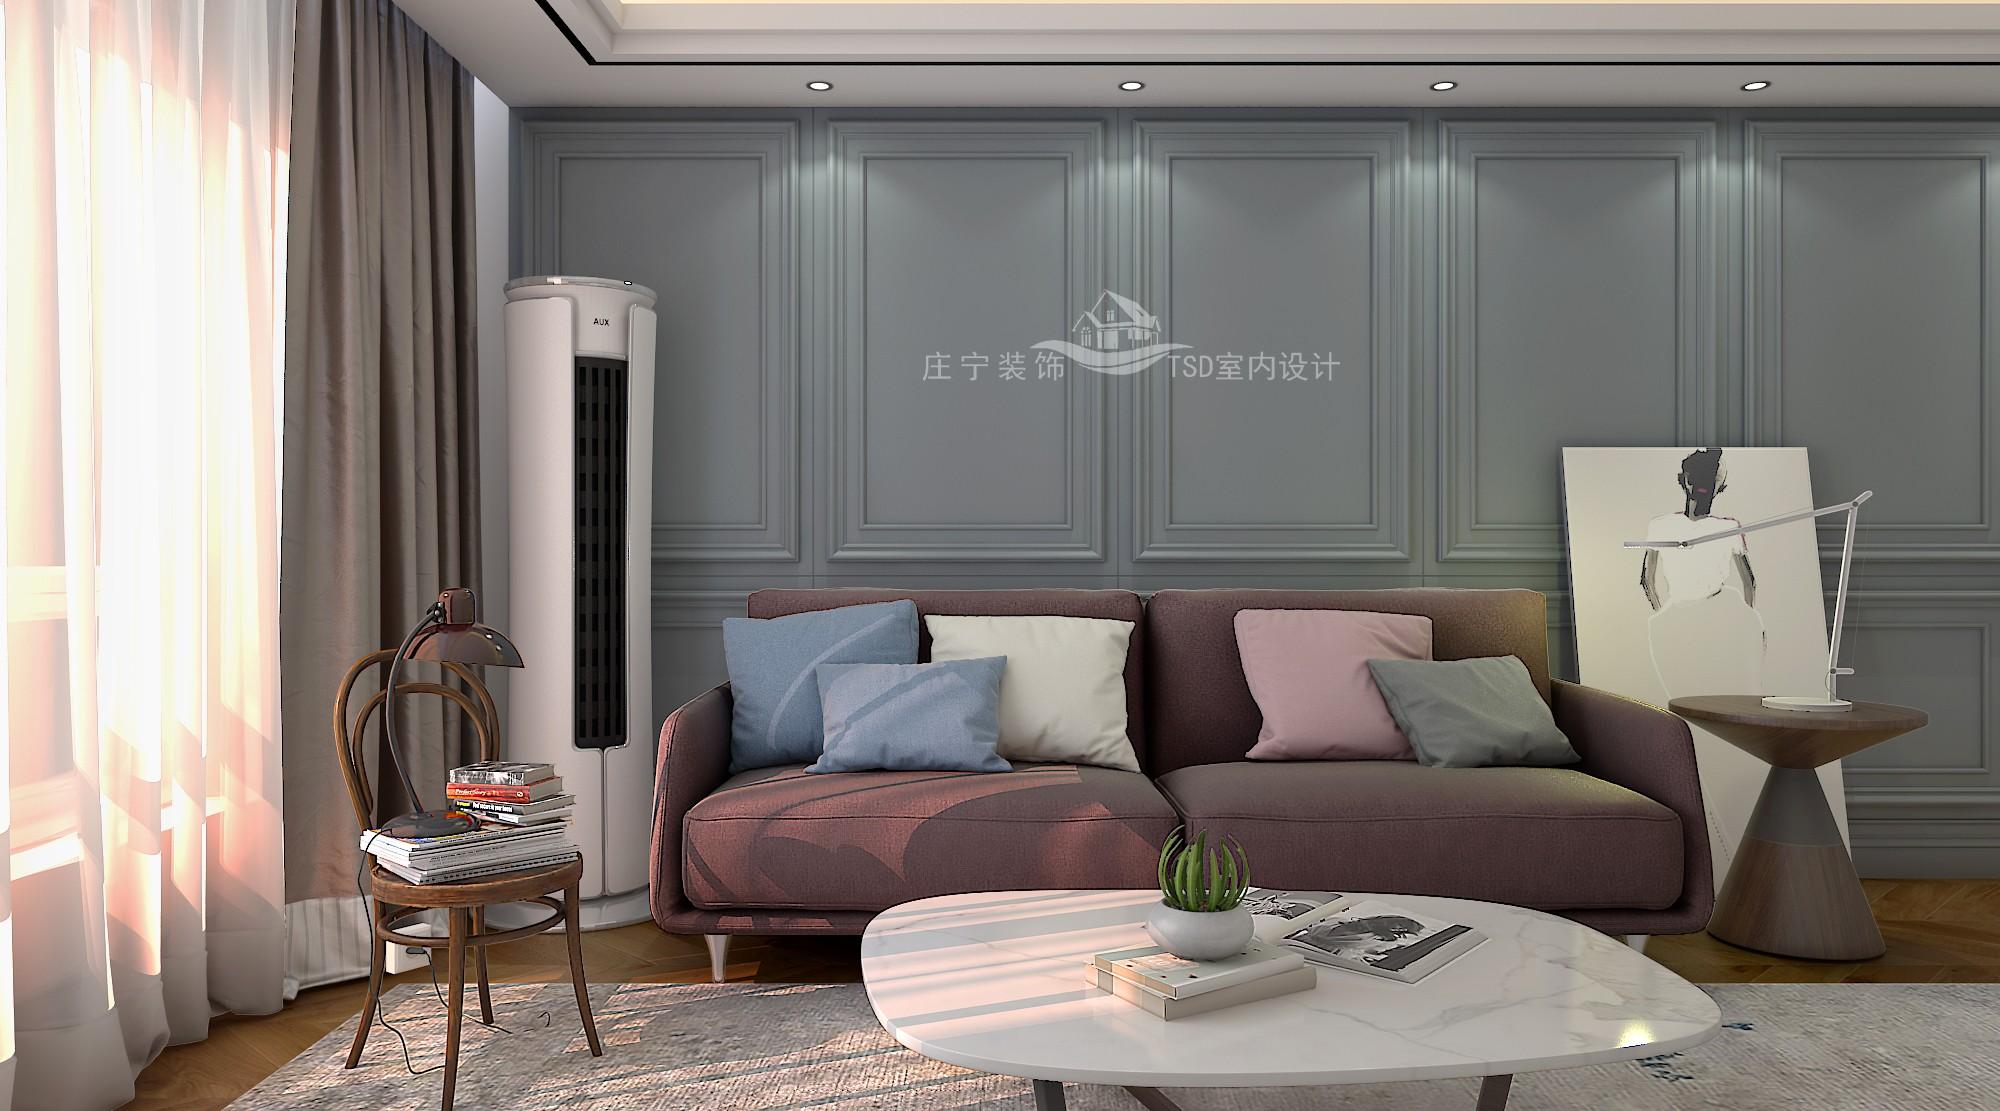 写实卧室,客厅 - 效果图交流区-建e室内设计网